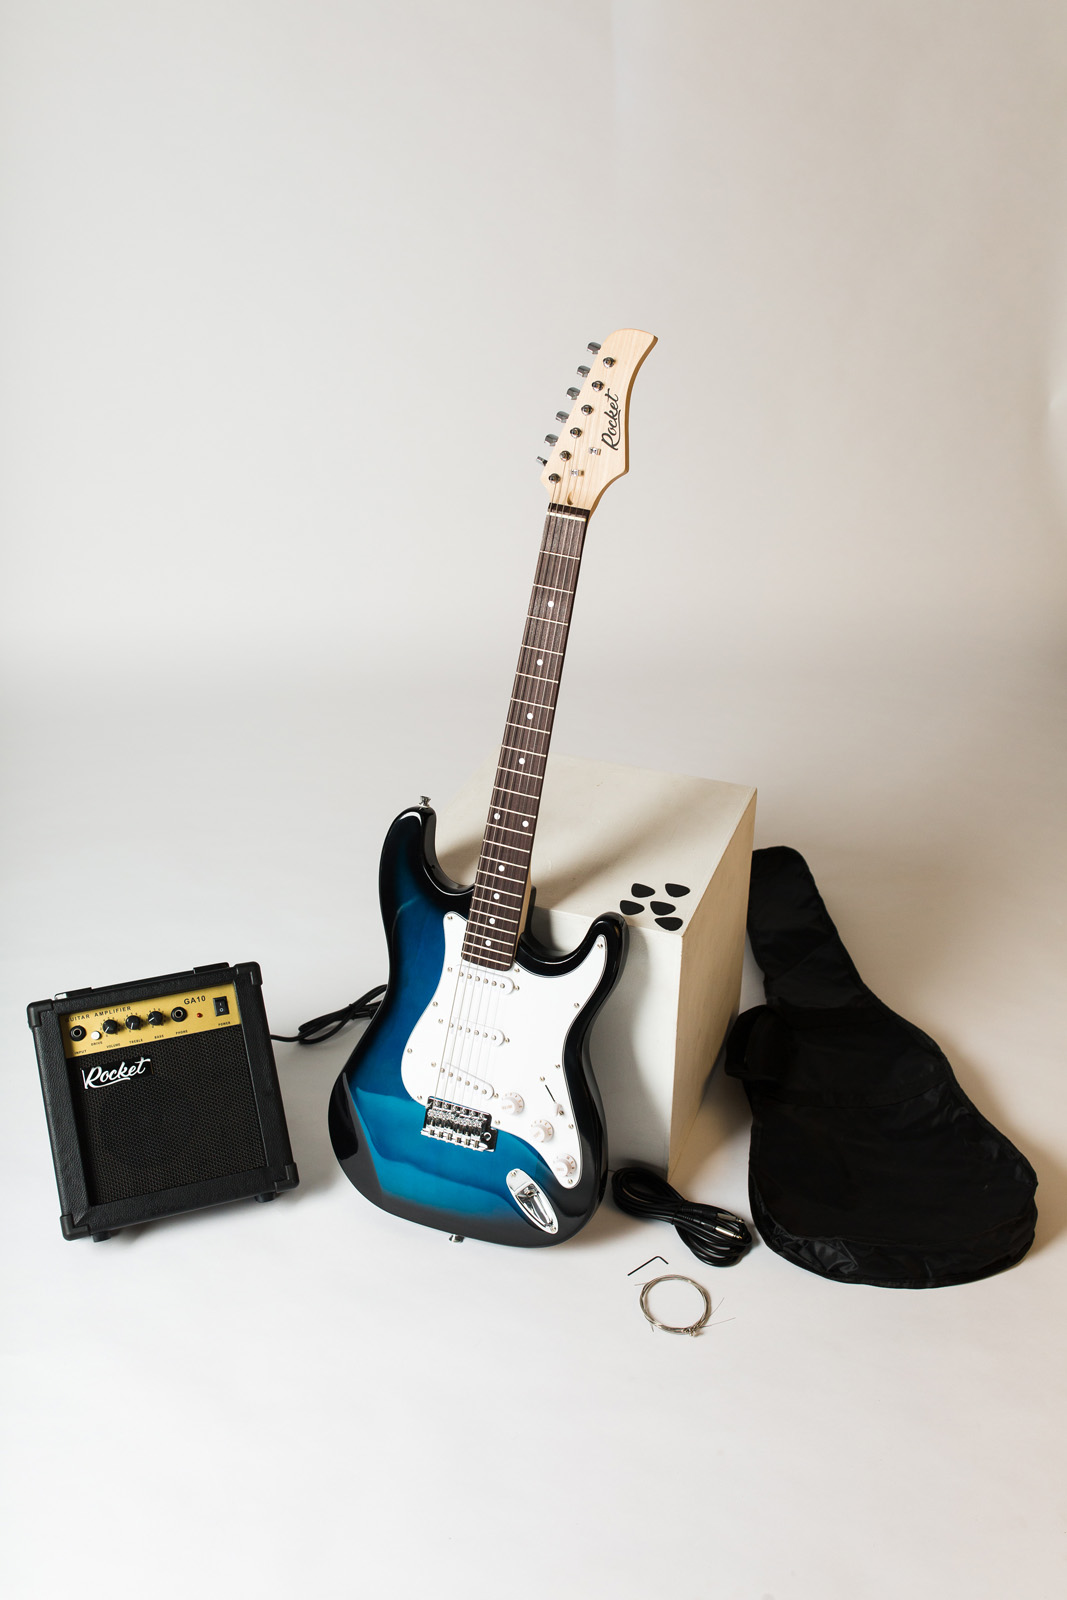 цена на Электрогитара RockEt для начинающих с комбиком и аксессуарами, синий